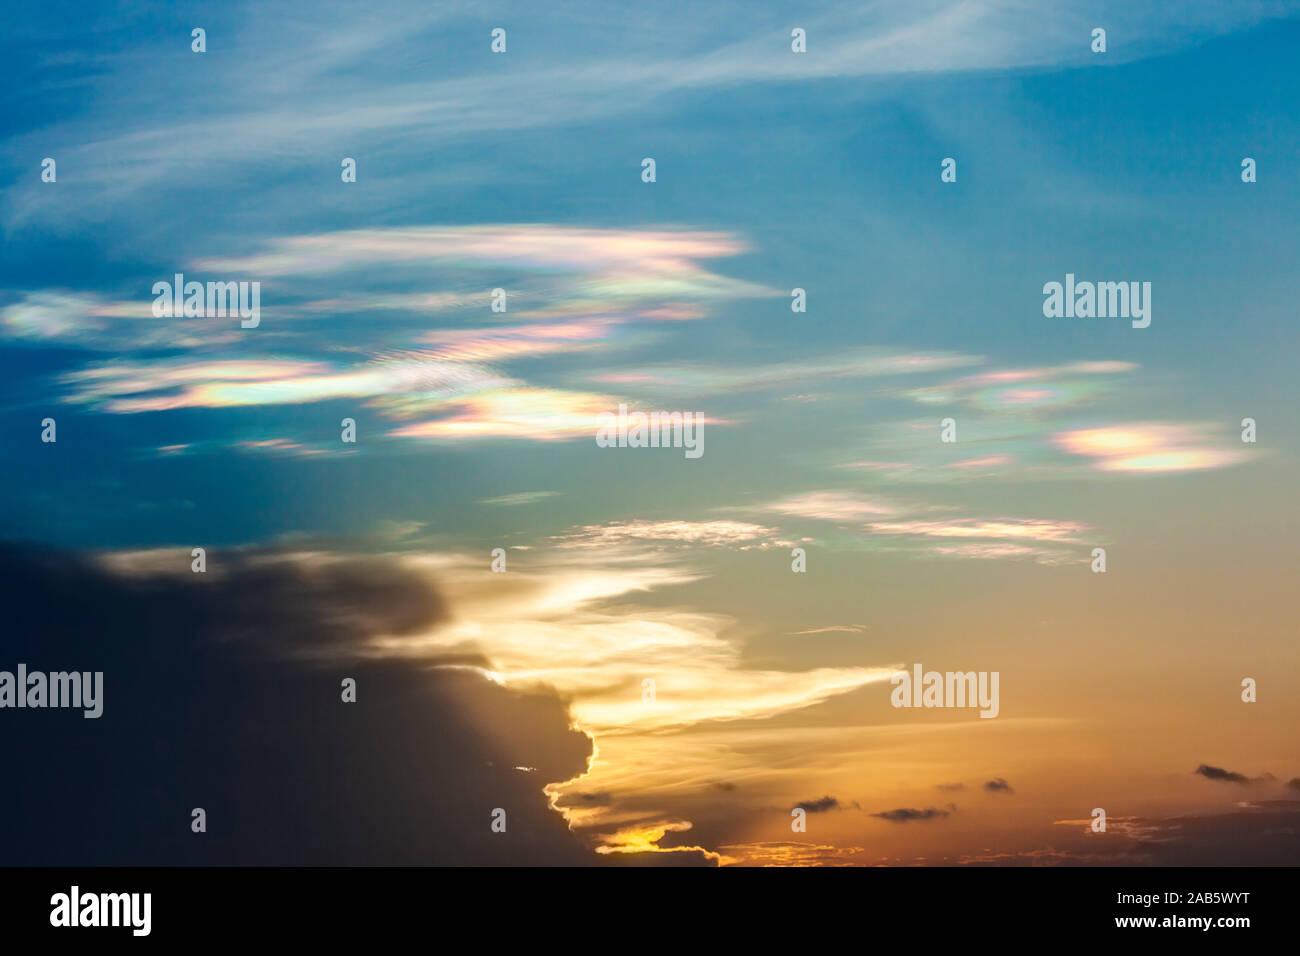 Wolken, die durch einen Sonnenuntergang in verschiedene Farben getaucht sind. Stock Photo